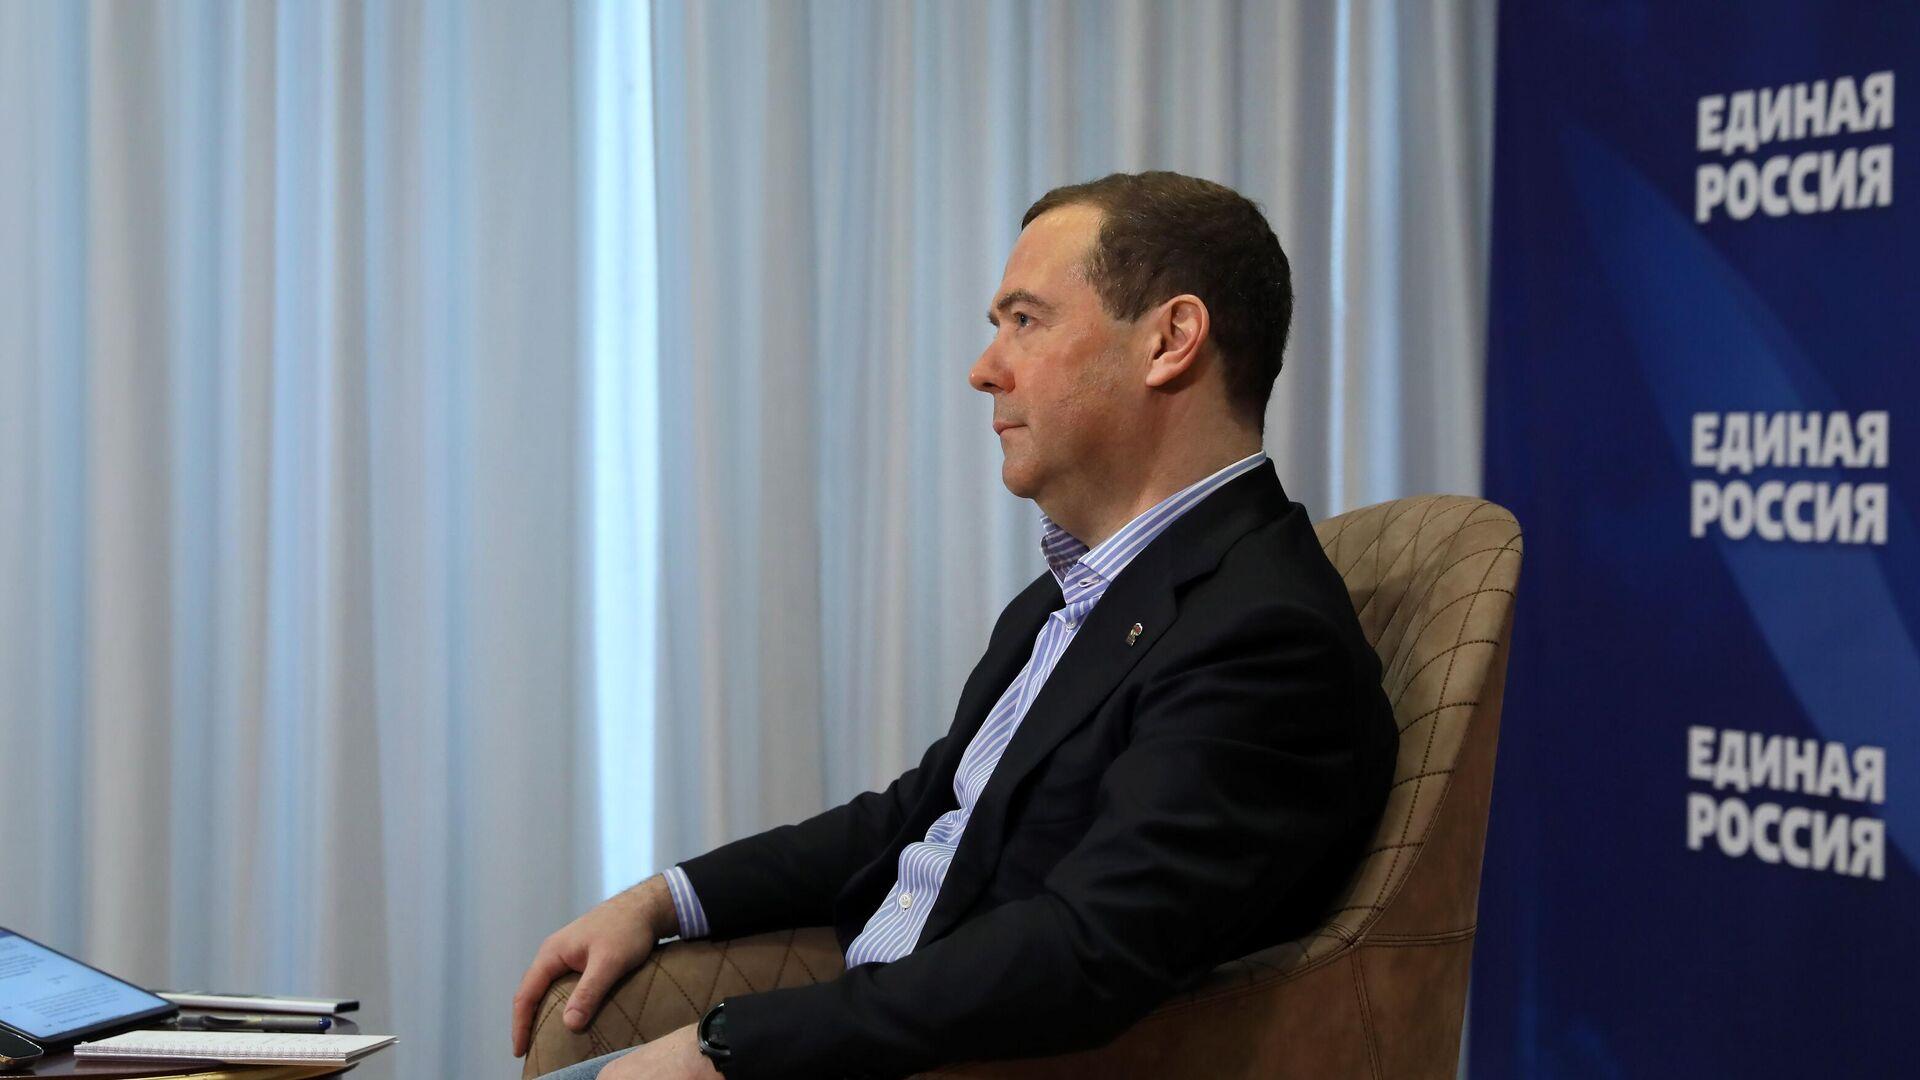 Медведев рассказал о критике в свой адрес во время работы премьером